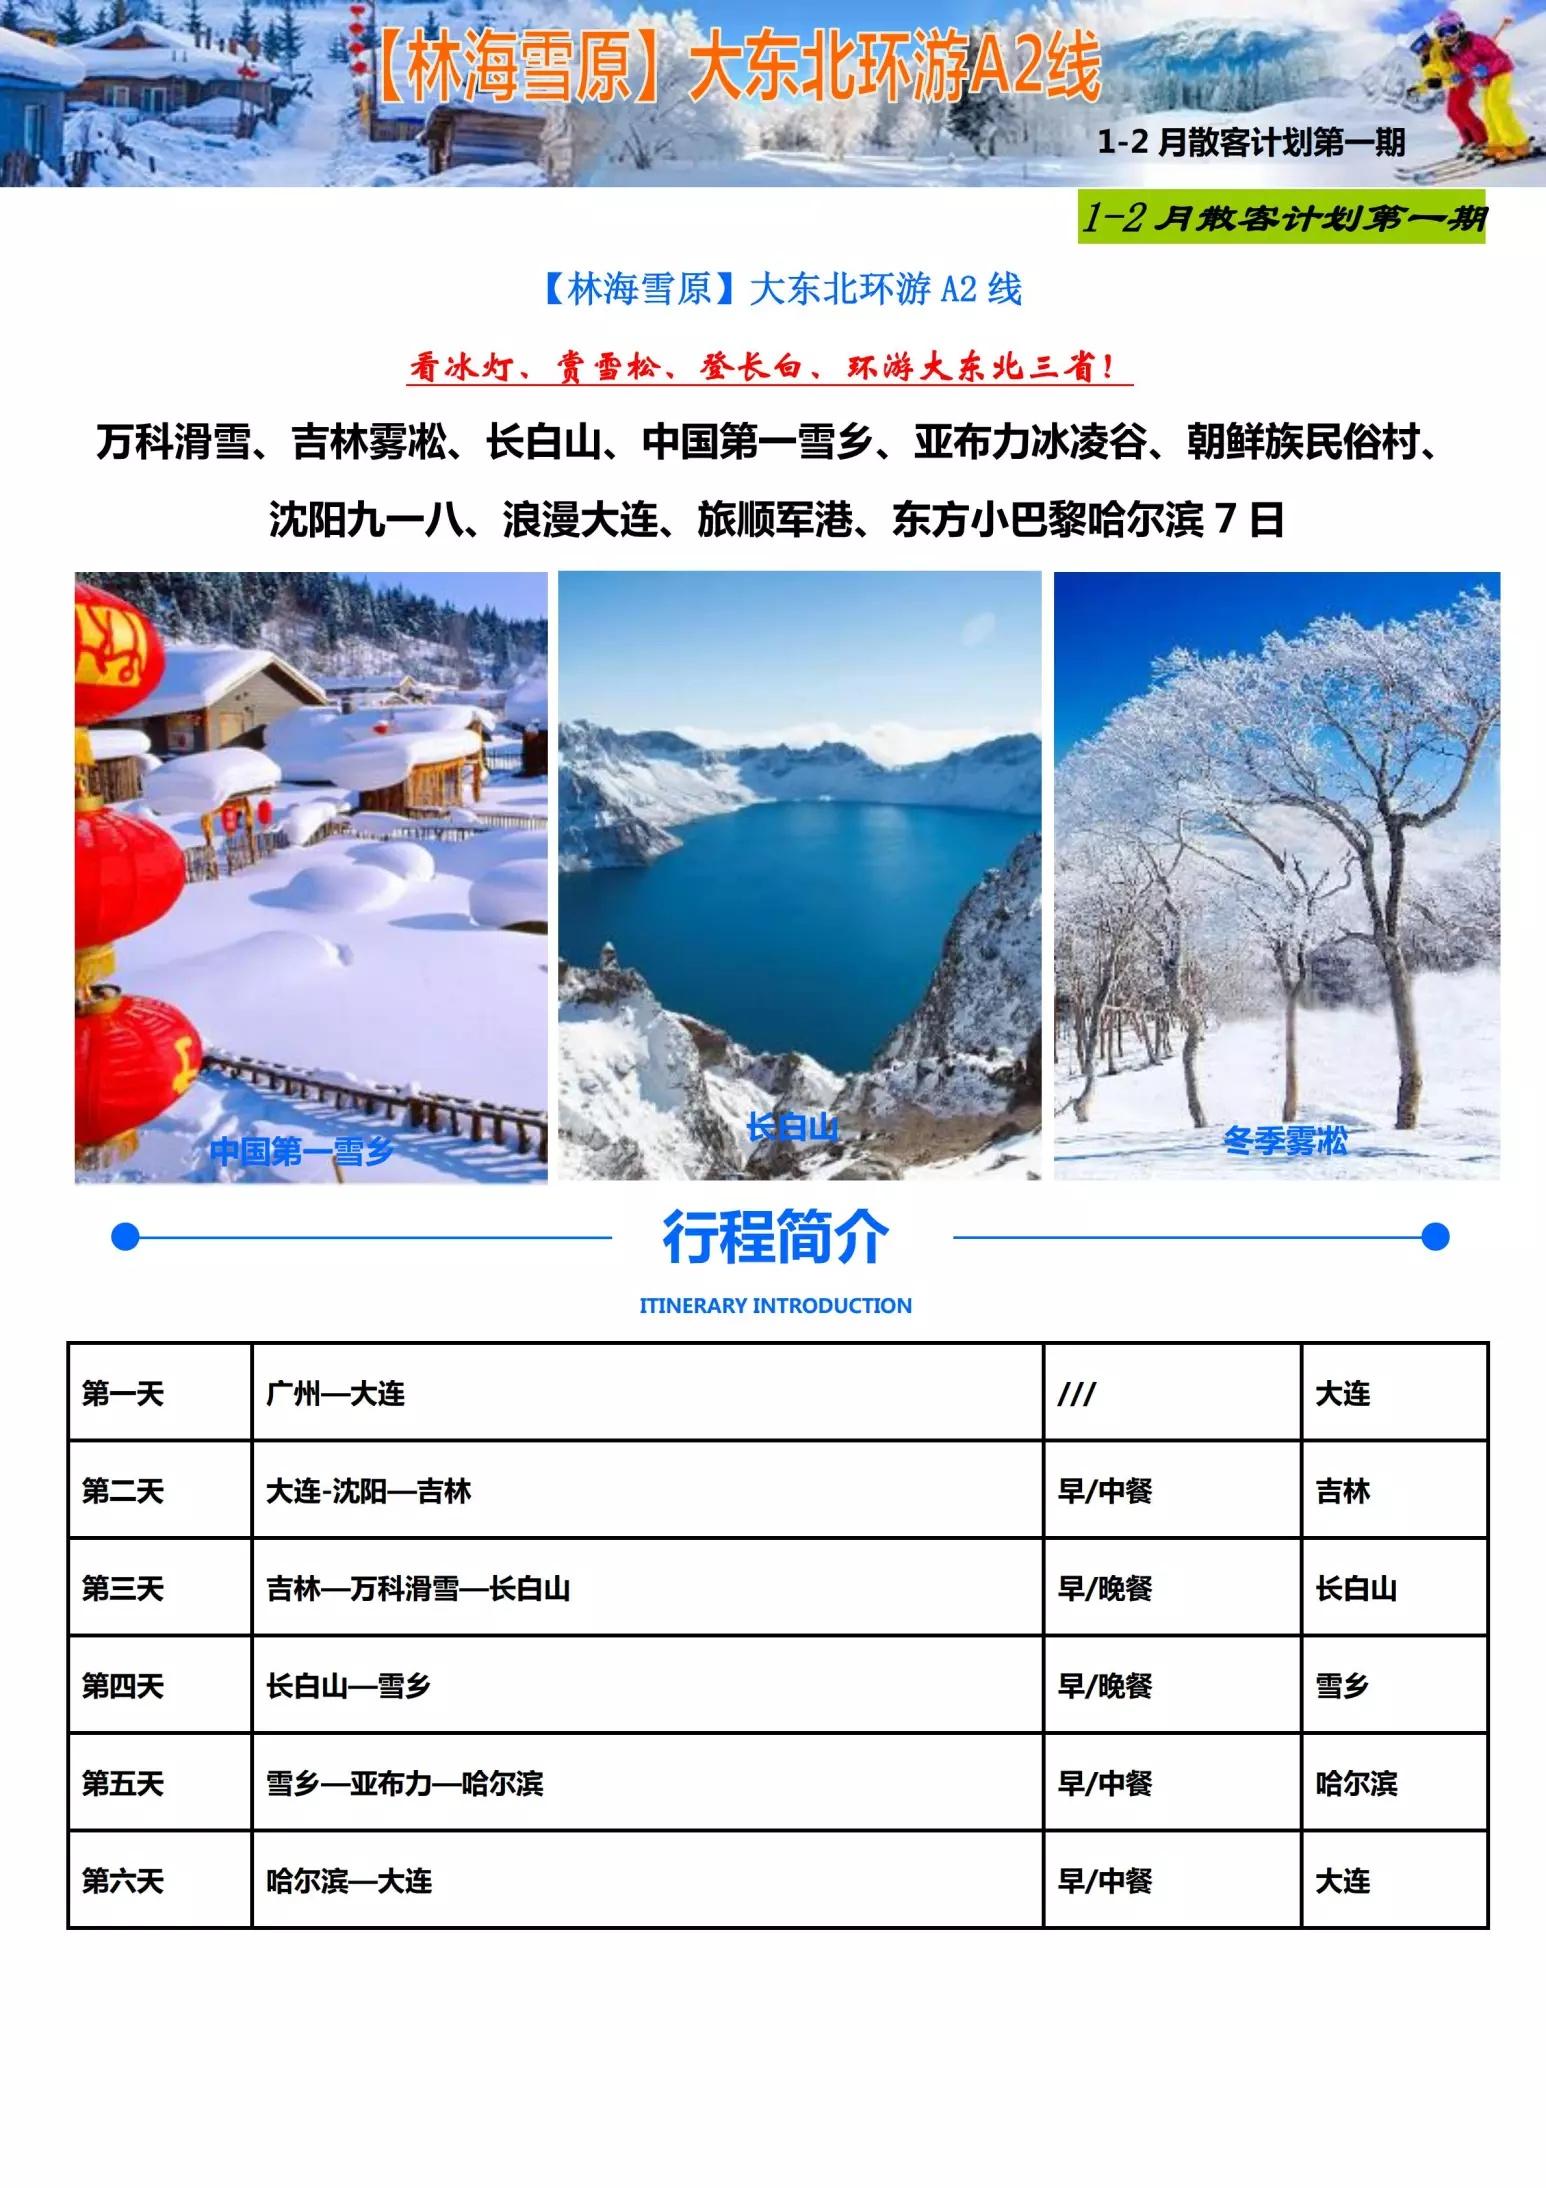 林海雪原大连北环游、长白山、中国第一雪乡、亚布力冰凌谷、朝鲜民俗村、旅顺军港、哈尔滨双飞7日